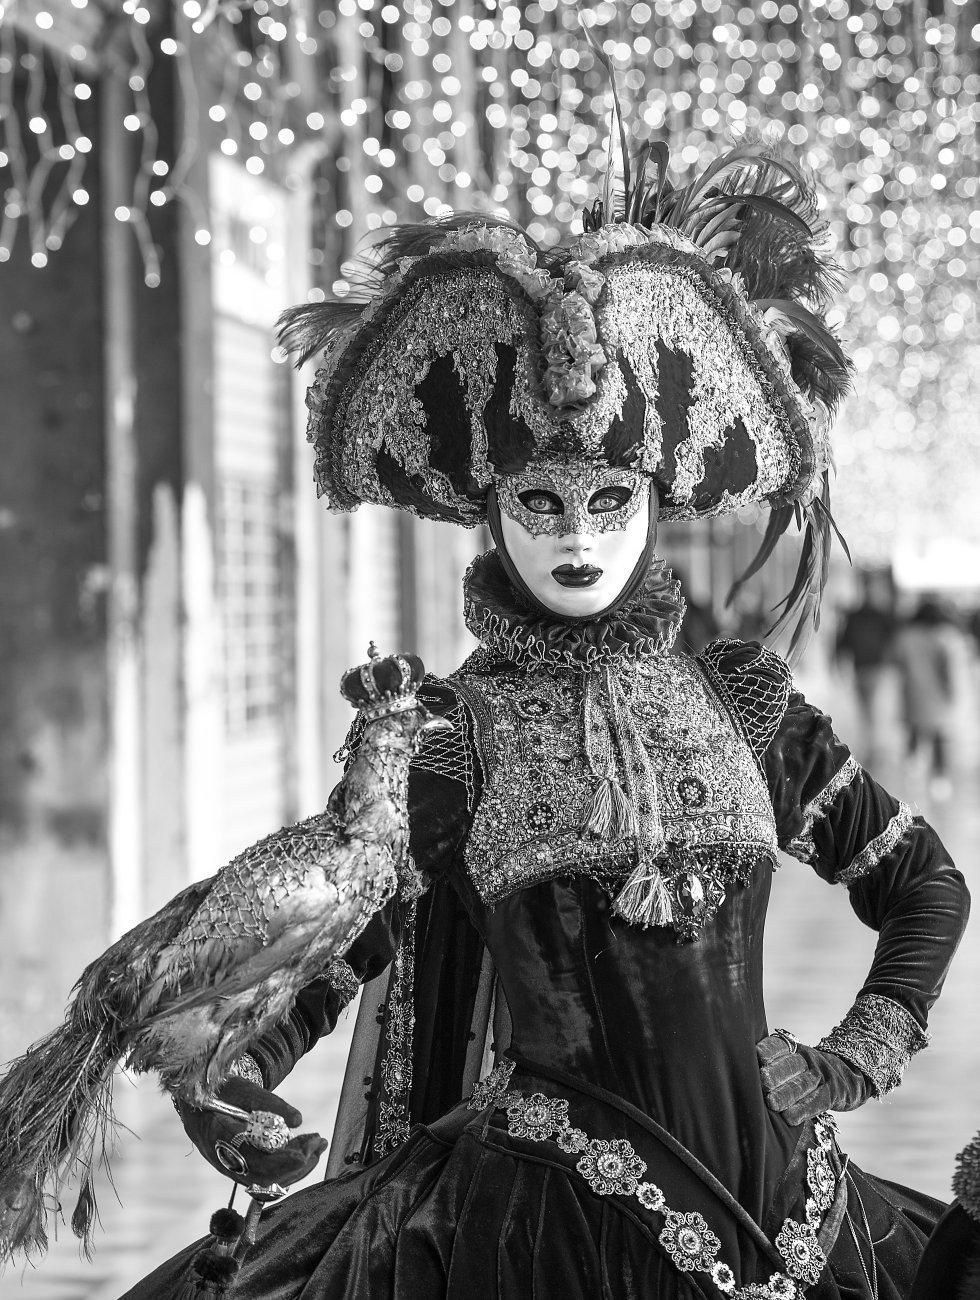 Mona Rose at Venice Carnival 2019